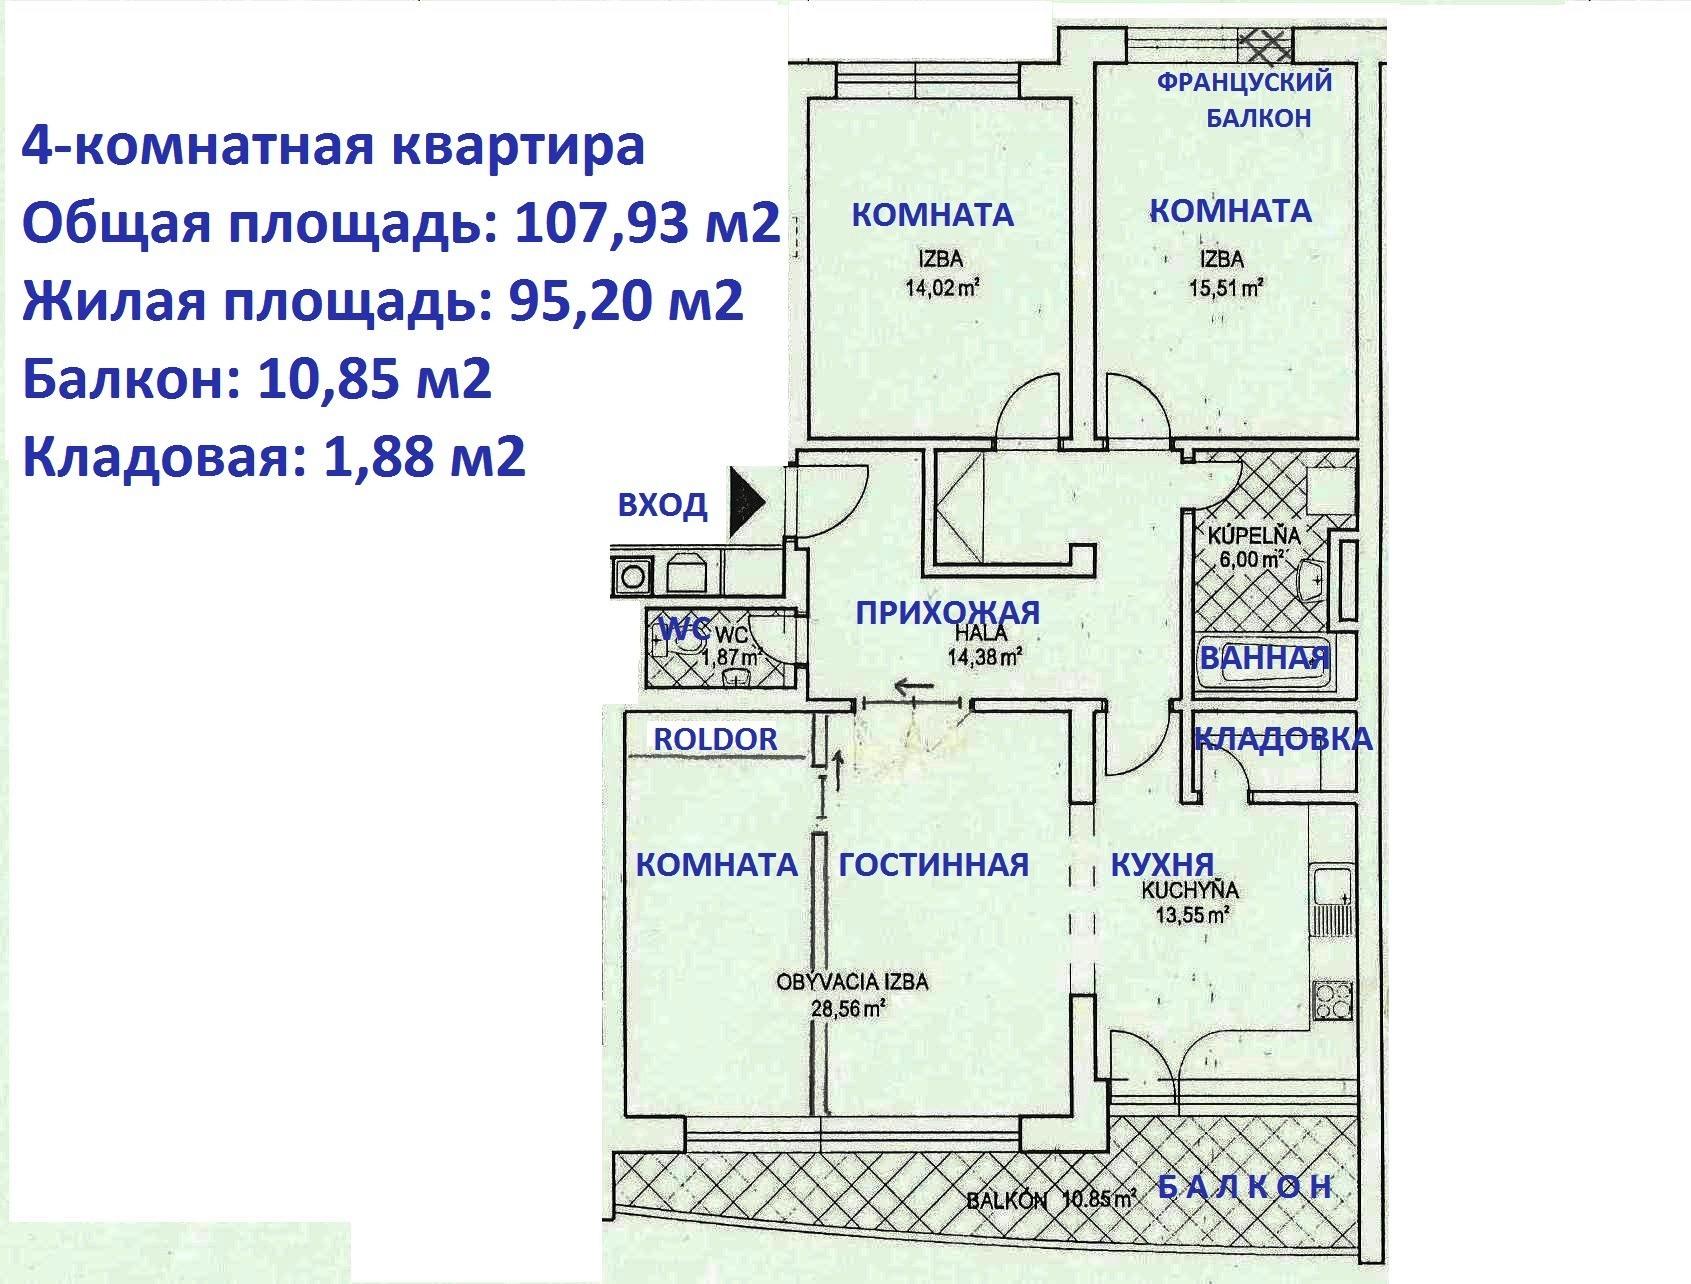 Балкон не входит в общую площадь